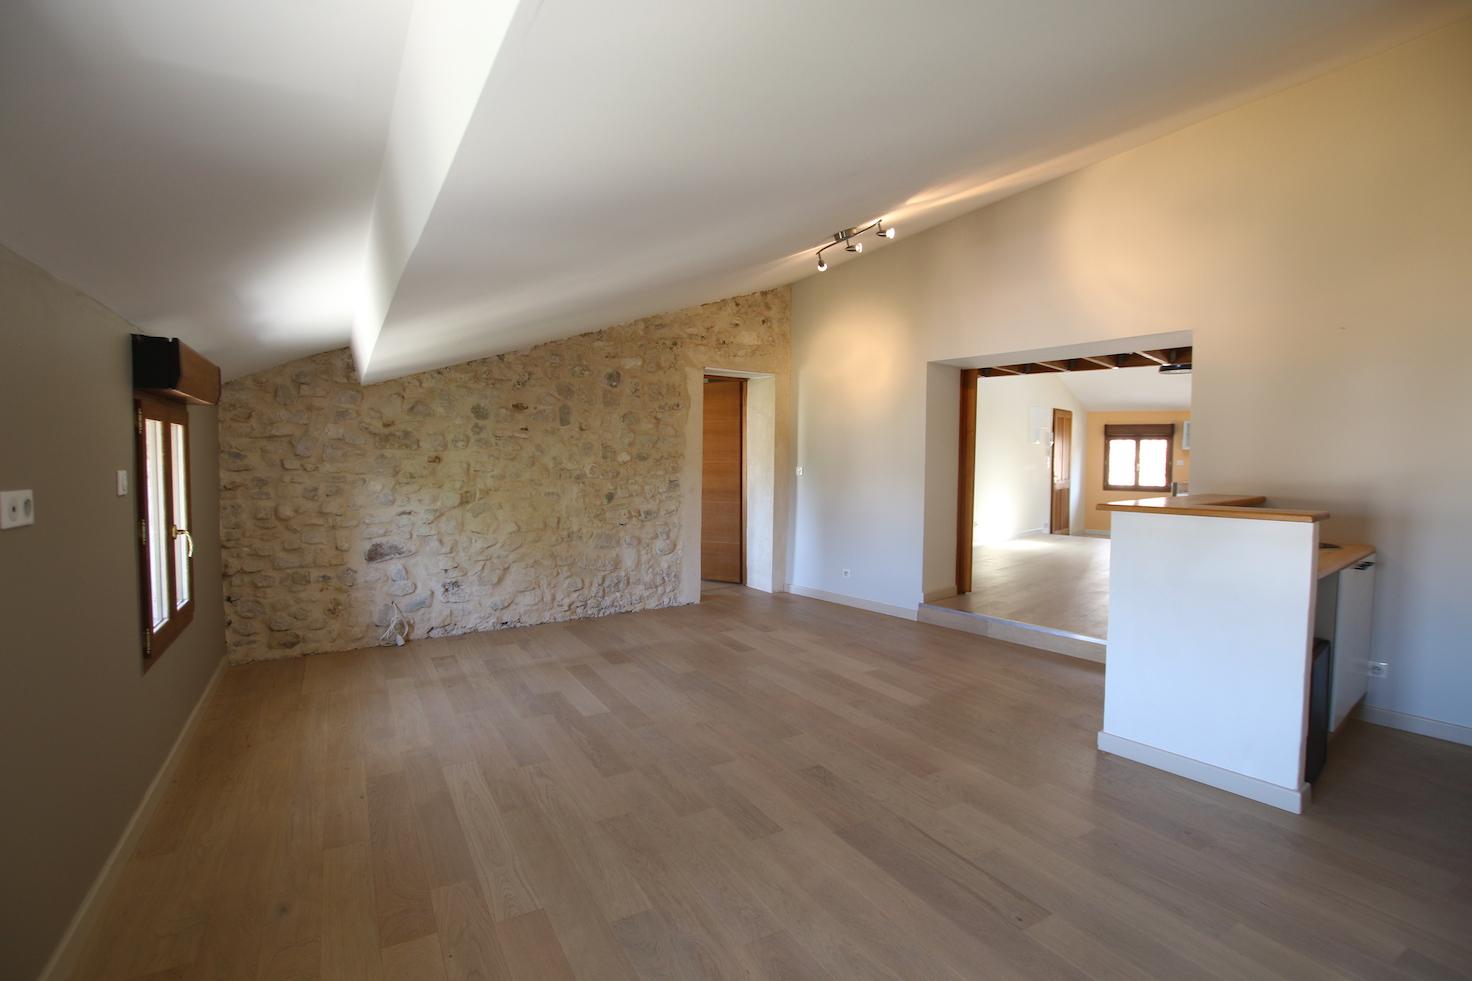 Pernes-les-Fontaines : spacieux appartement style loft avec garage